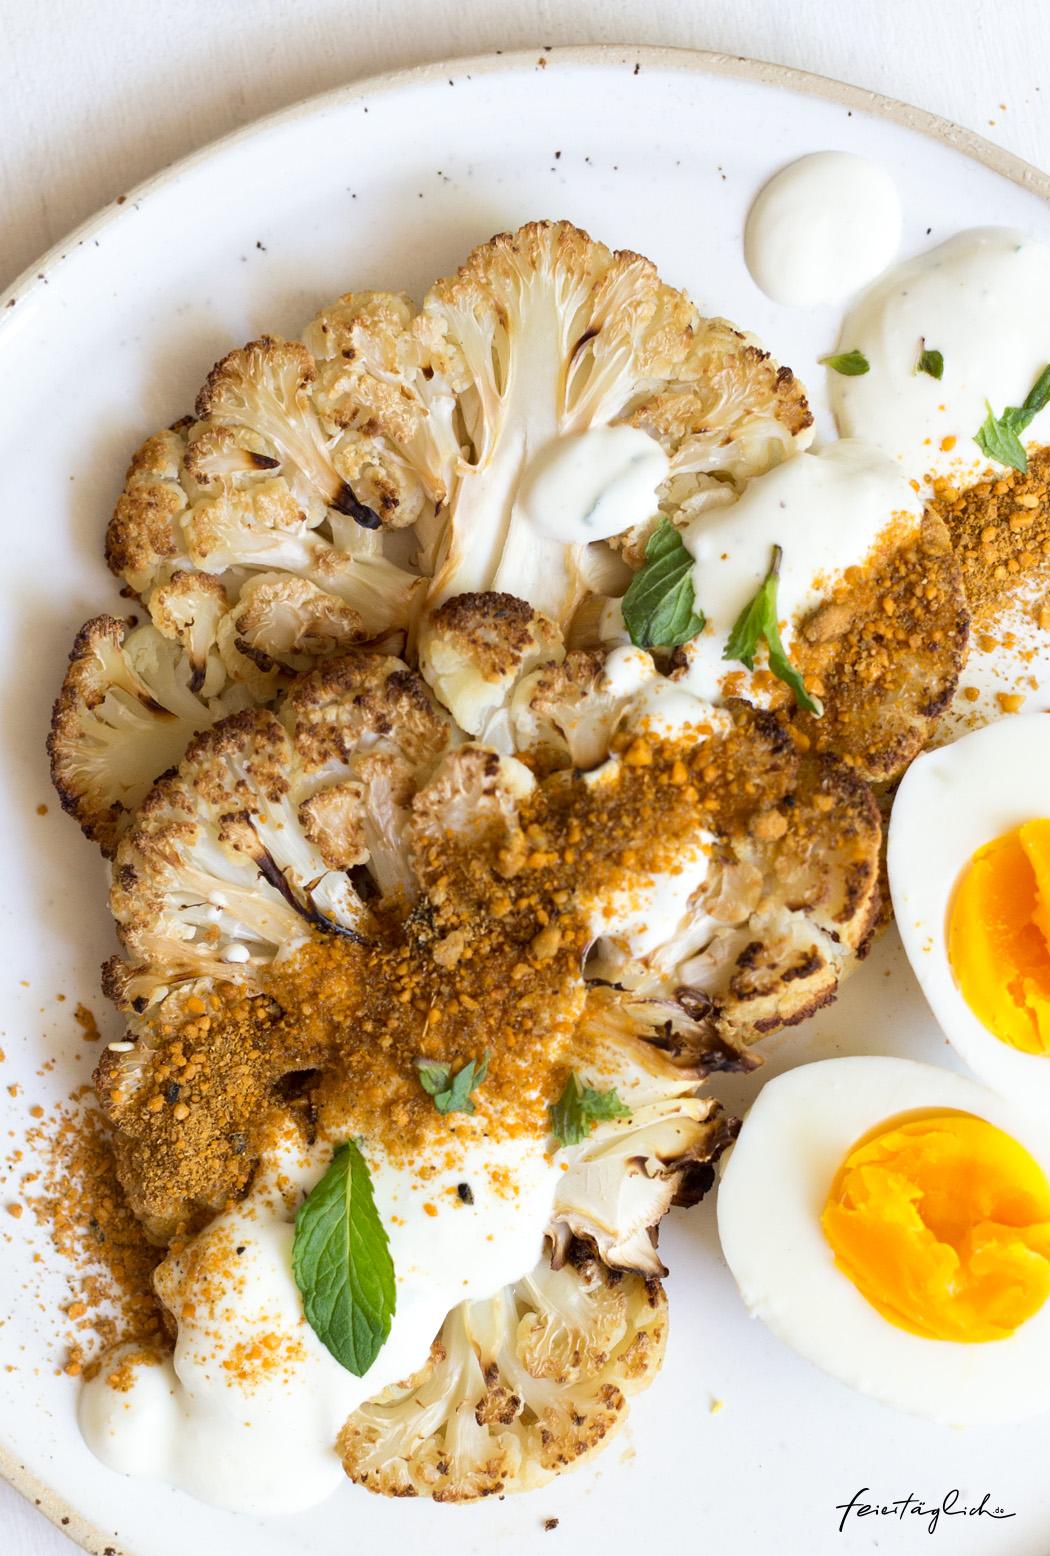 Ofengeröstete Blumenkohl-Steaks mit Minzjoghurt, Dukkha und Eiern – Ruckzuck gesunder & leckerer Lunch, Quick, easy, happy and healthy